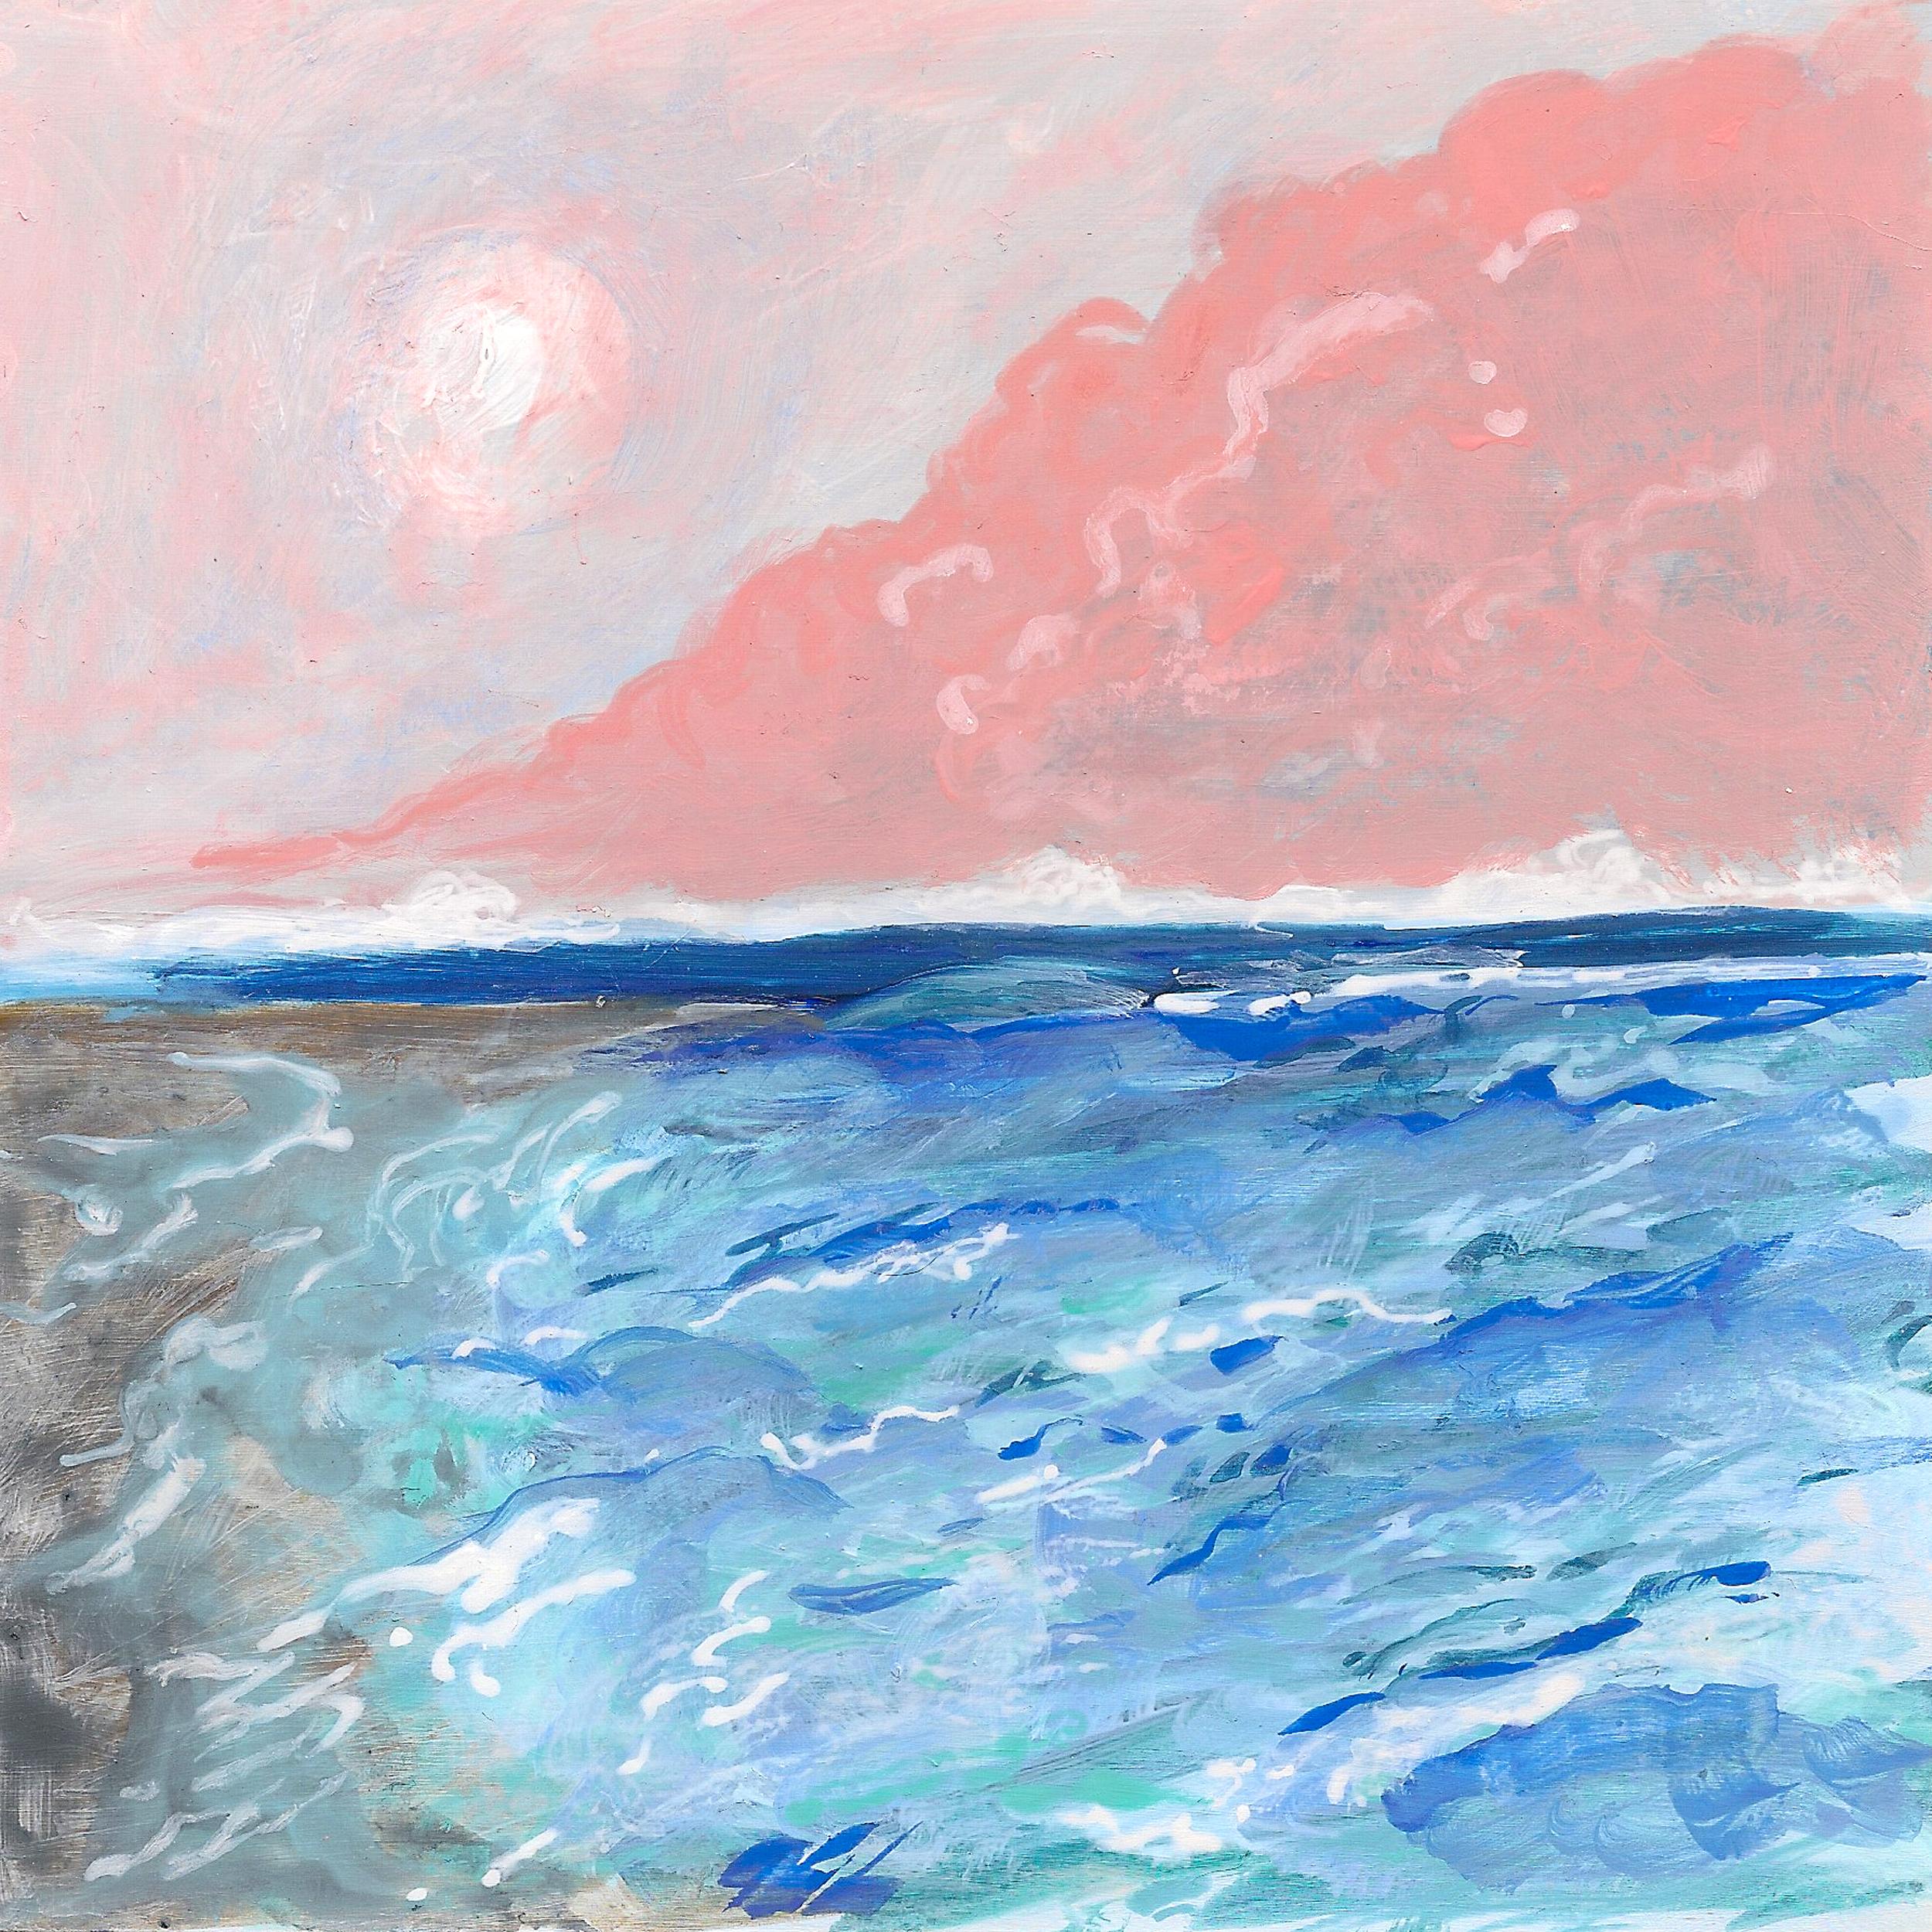 pink-sky-ii-2500x2500.jpg